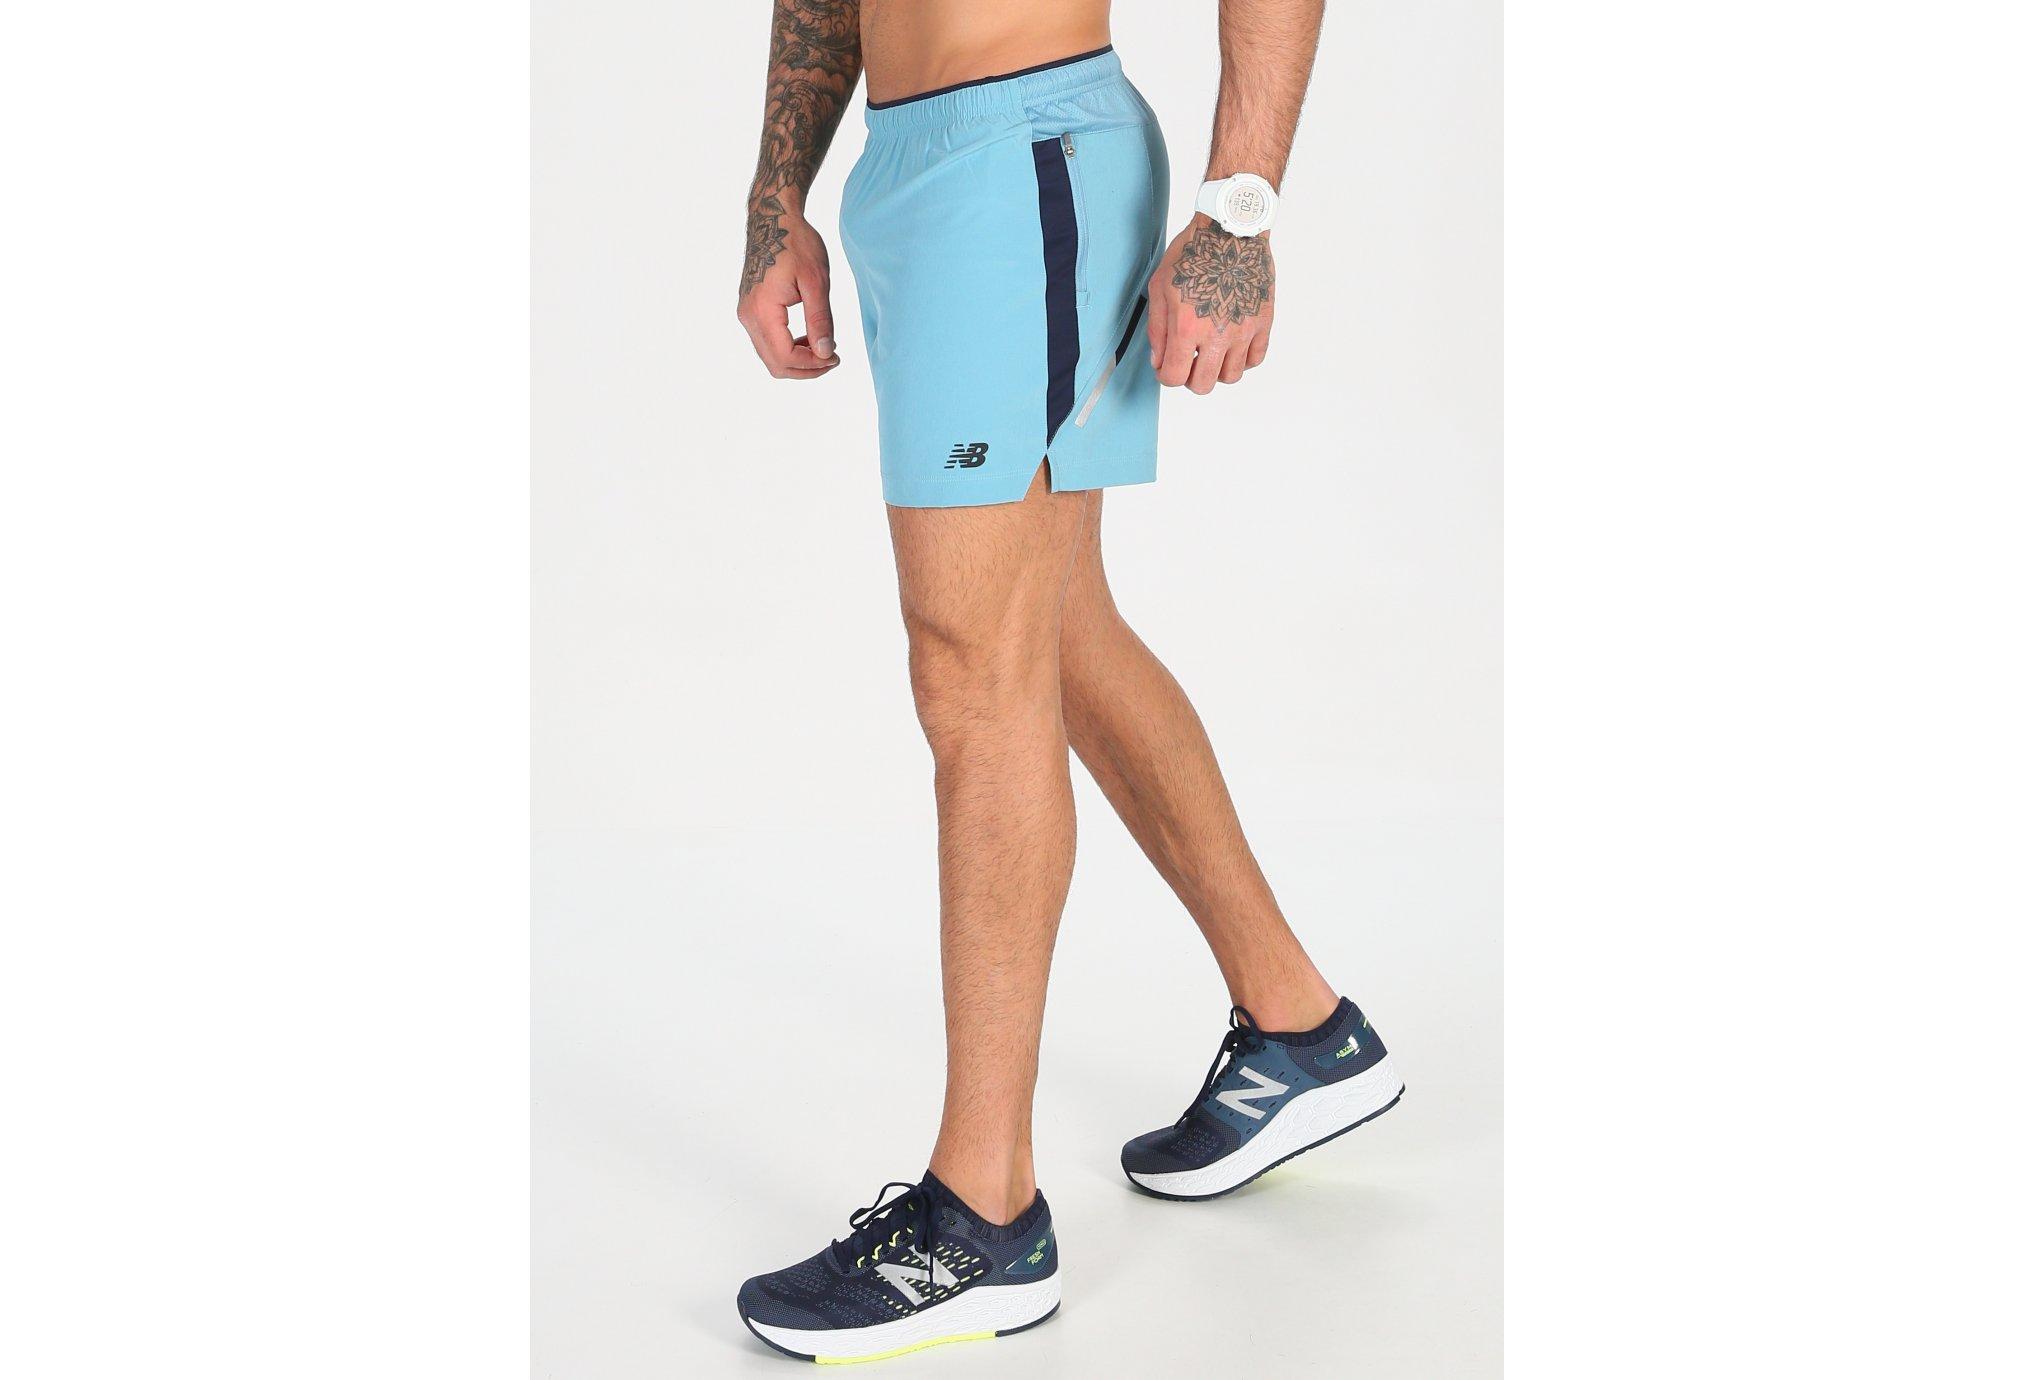 New Balance Impact London Marathon M Diététique Vêtements homme